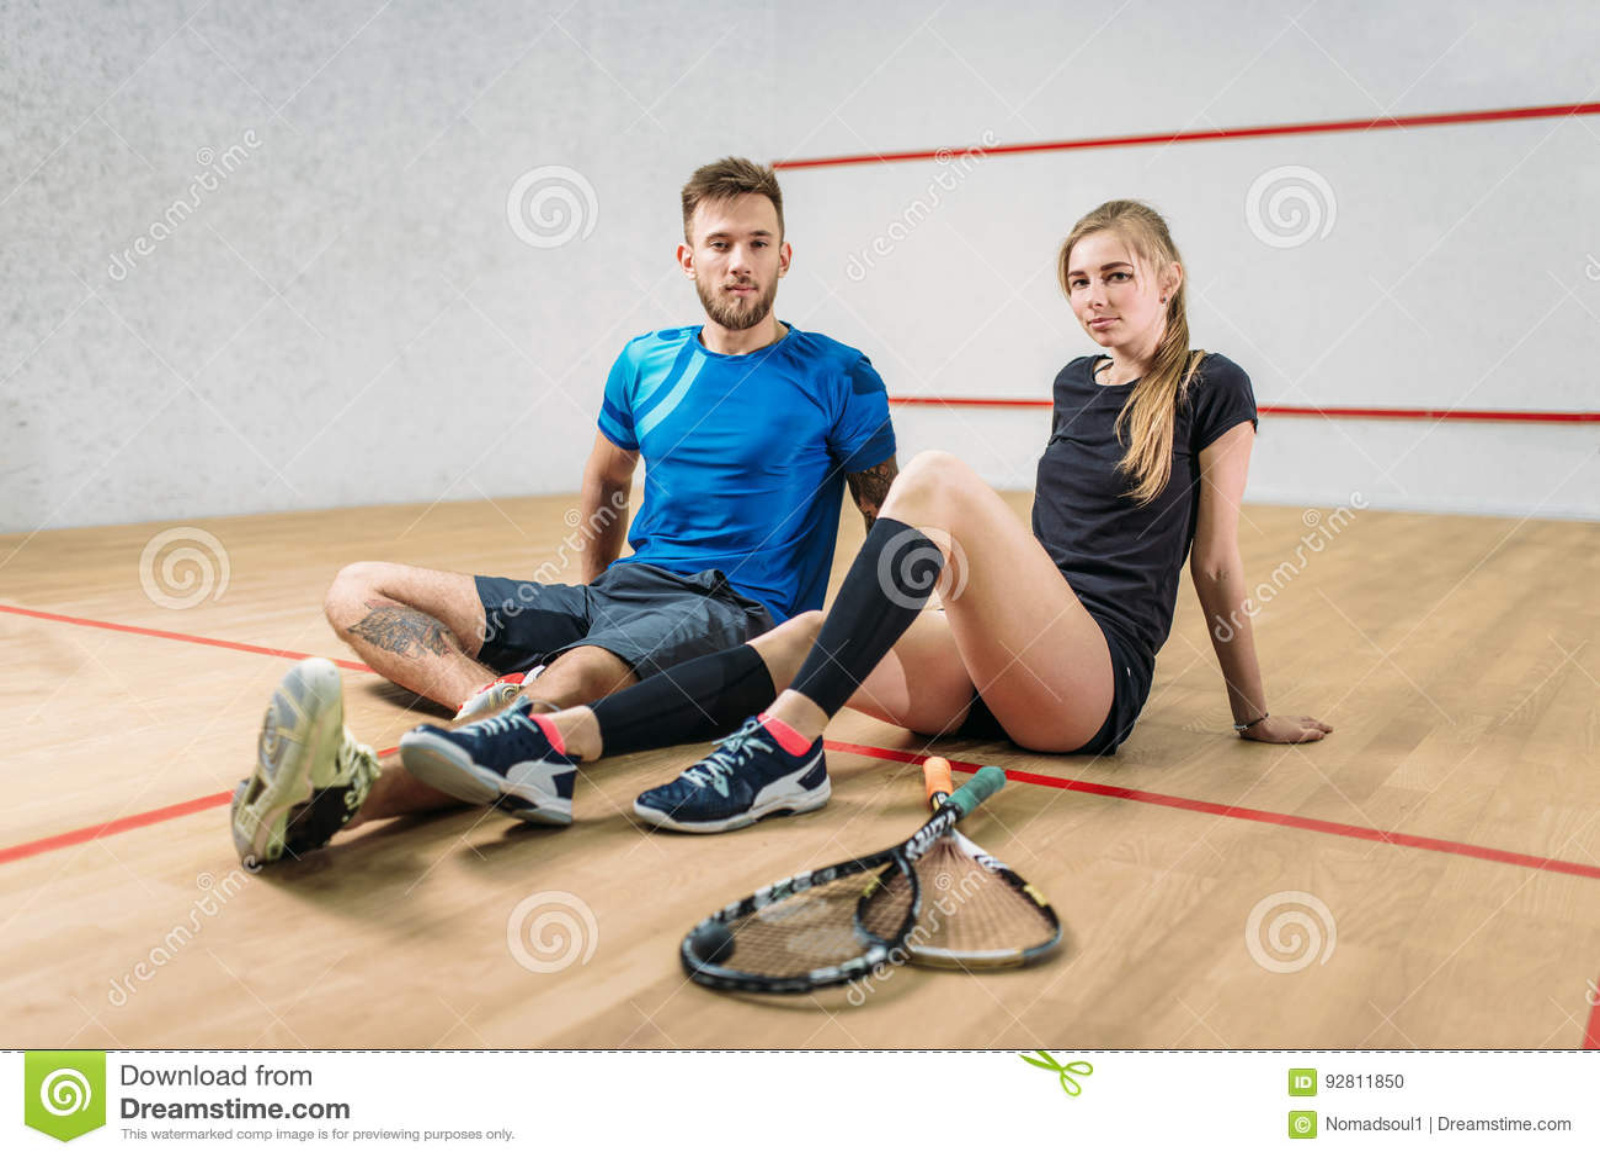 Концепция игры сквоша, молодая пара, ракетки, шарик